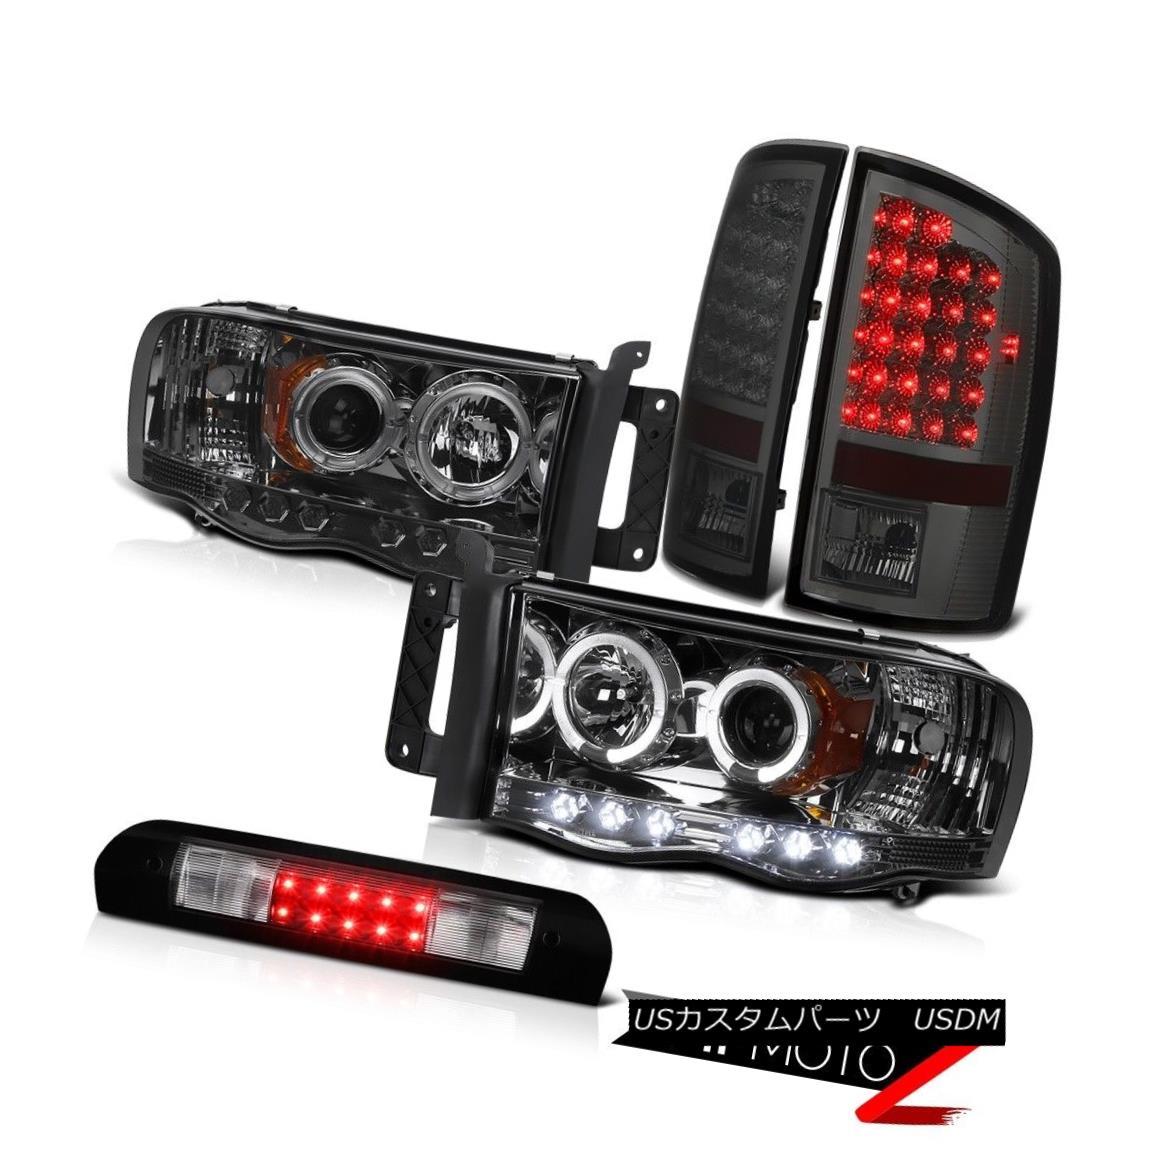 ヘッドライト Pair Halo Headlights Tint LED Brake Lights Black Third 2002-2005 Ram TurboDiesel ペアハローヘッドライト色合いLEDブレーキライトブラックThird 2002-2005 Ram TurboDiesel